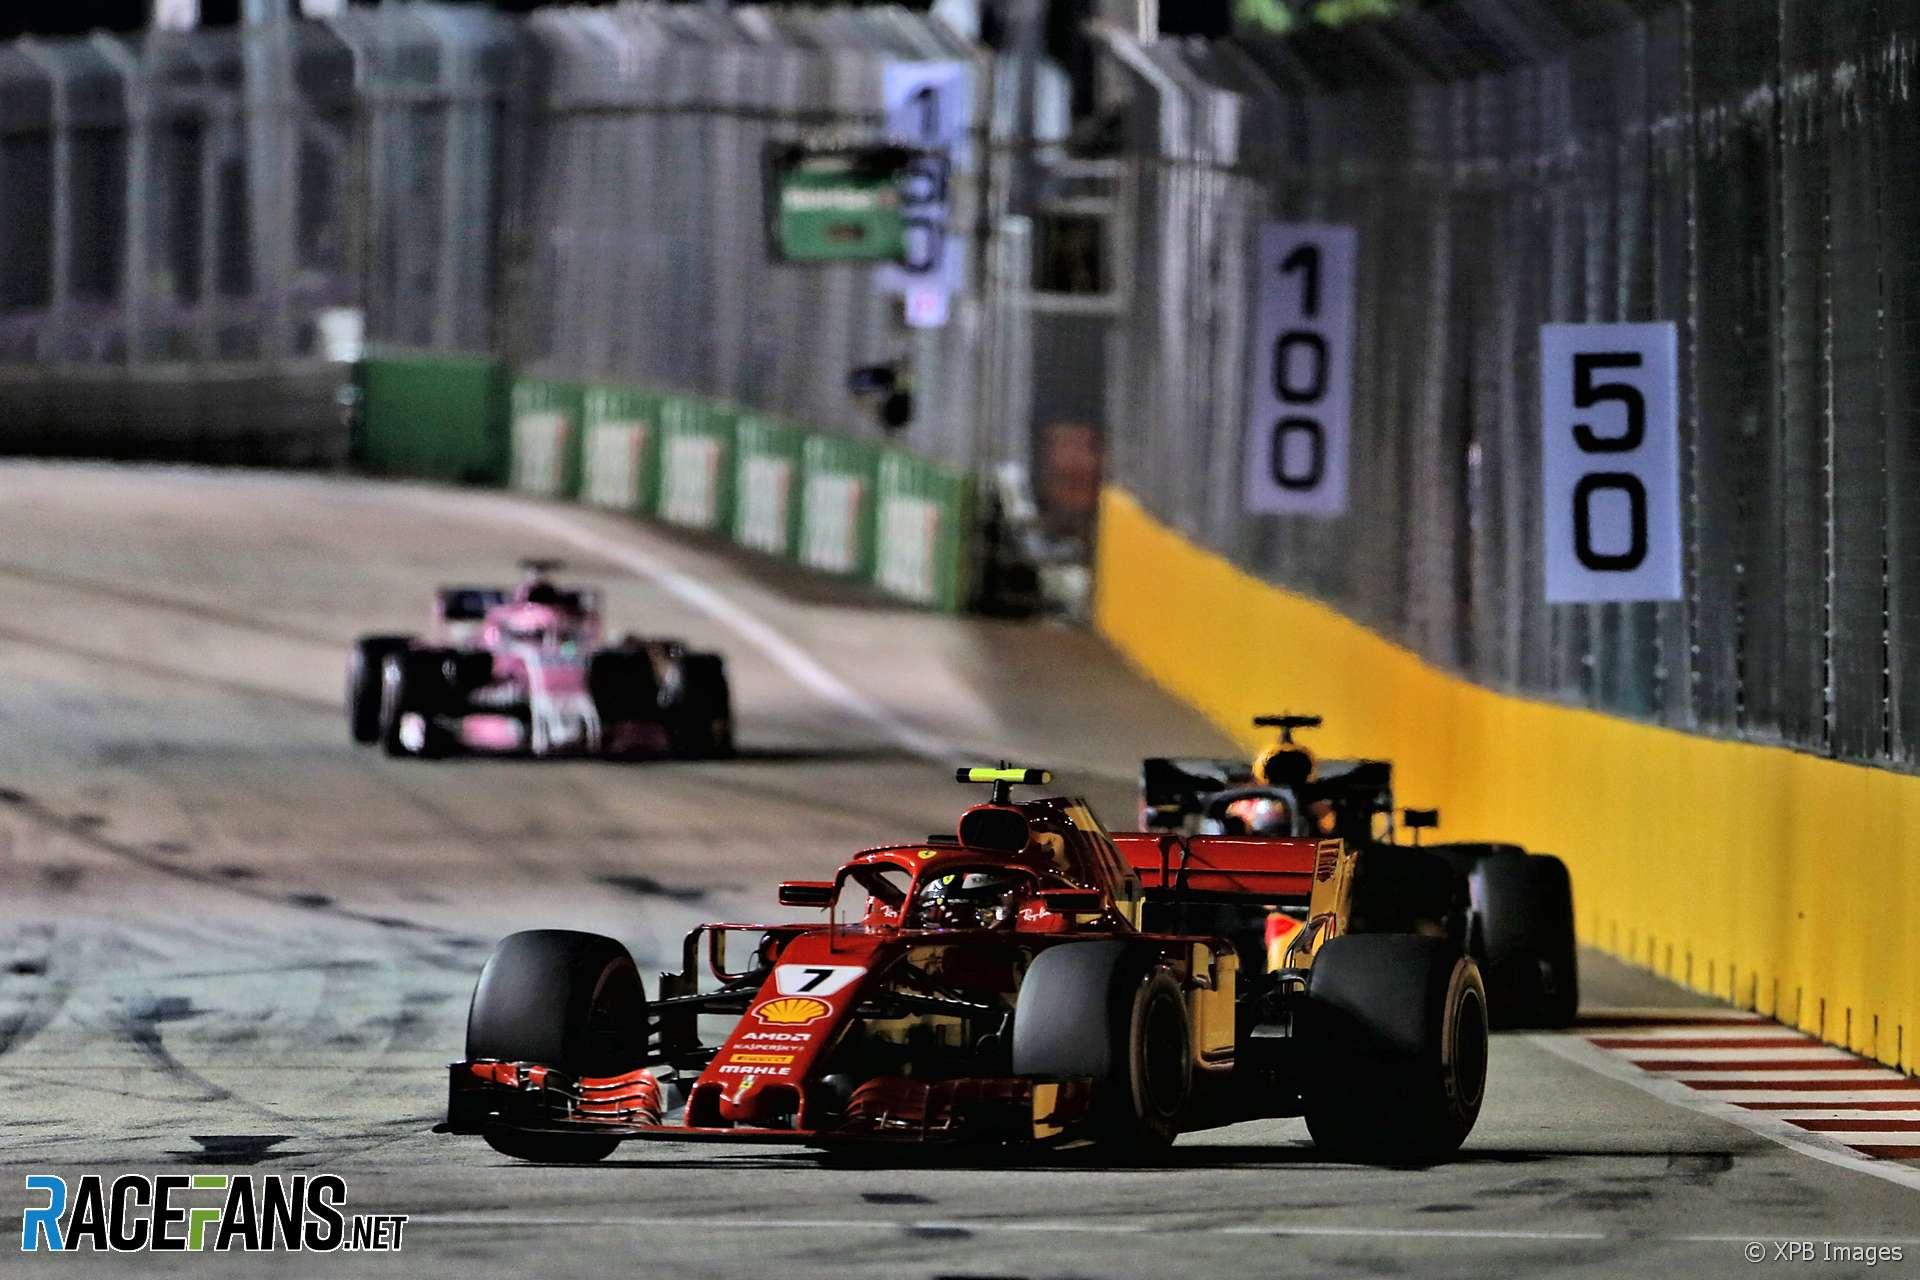 Kimi Raikkonen, Ferrari, Singapore, 2018